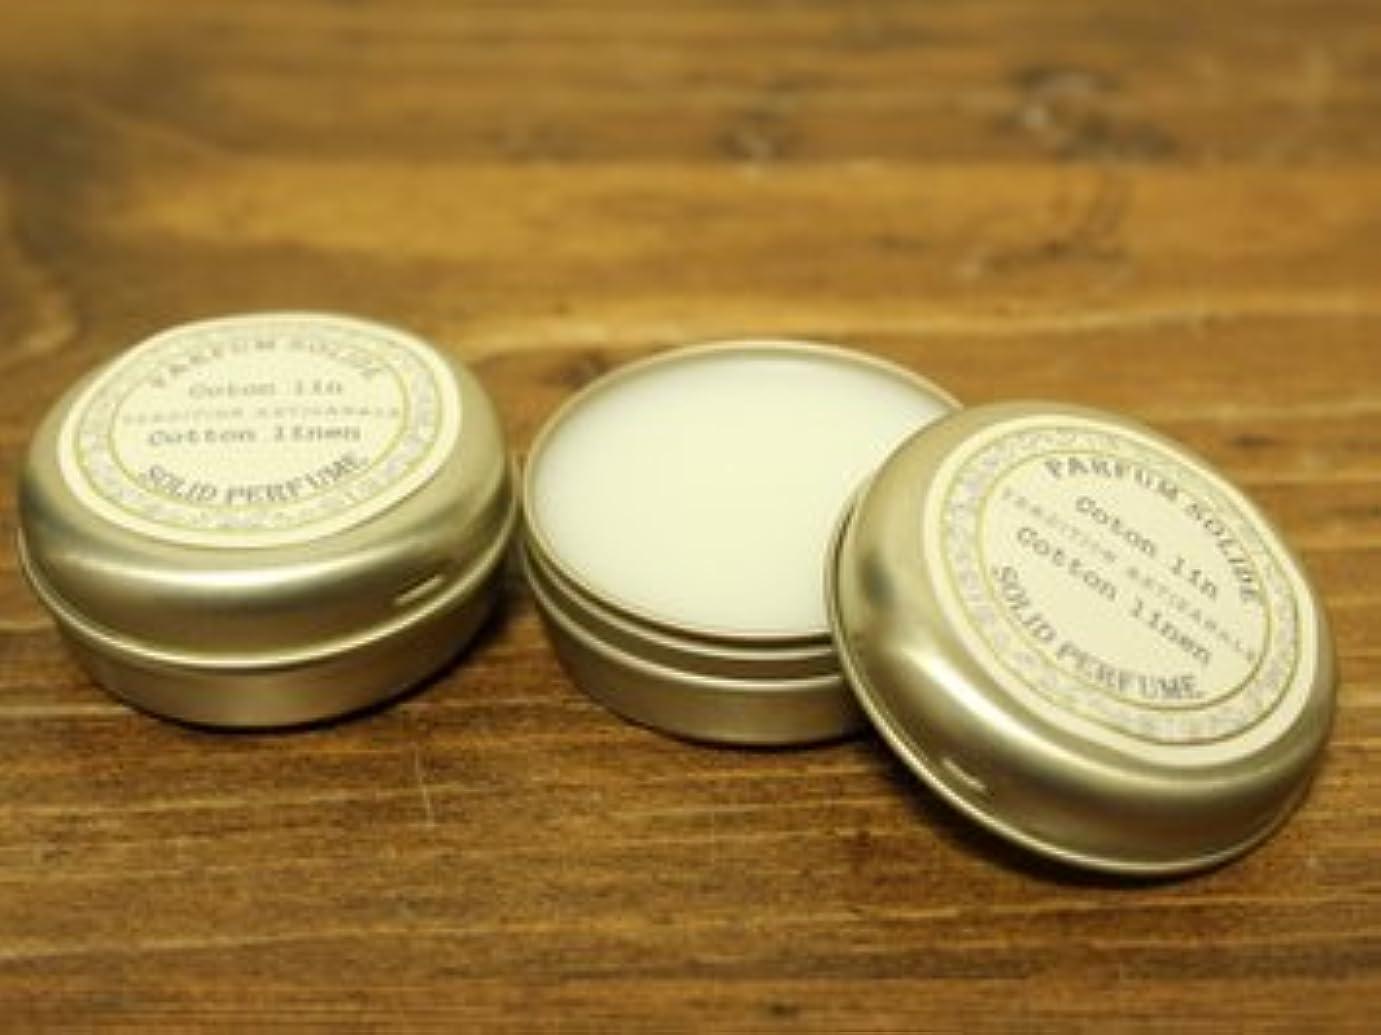 リットル太陽特定のSenteur et Beaute(サンタールエボーテ) フレンチクラシックシリーズ 練り香水 10g 「コットンリネン」 4994228023056